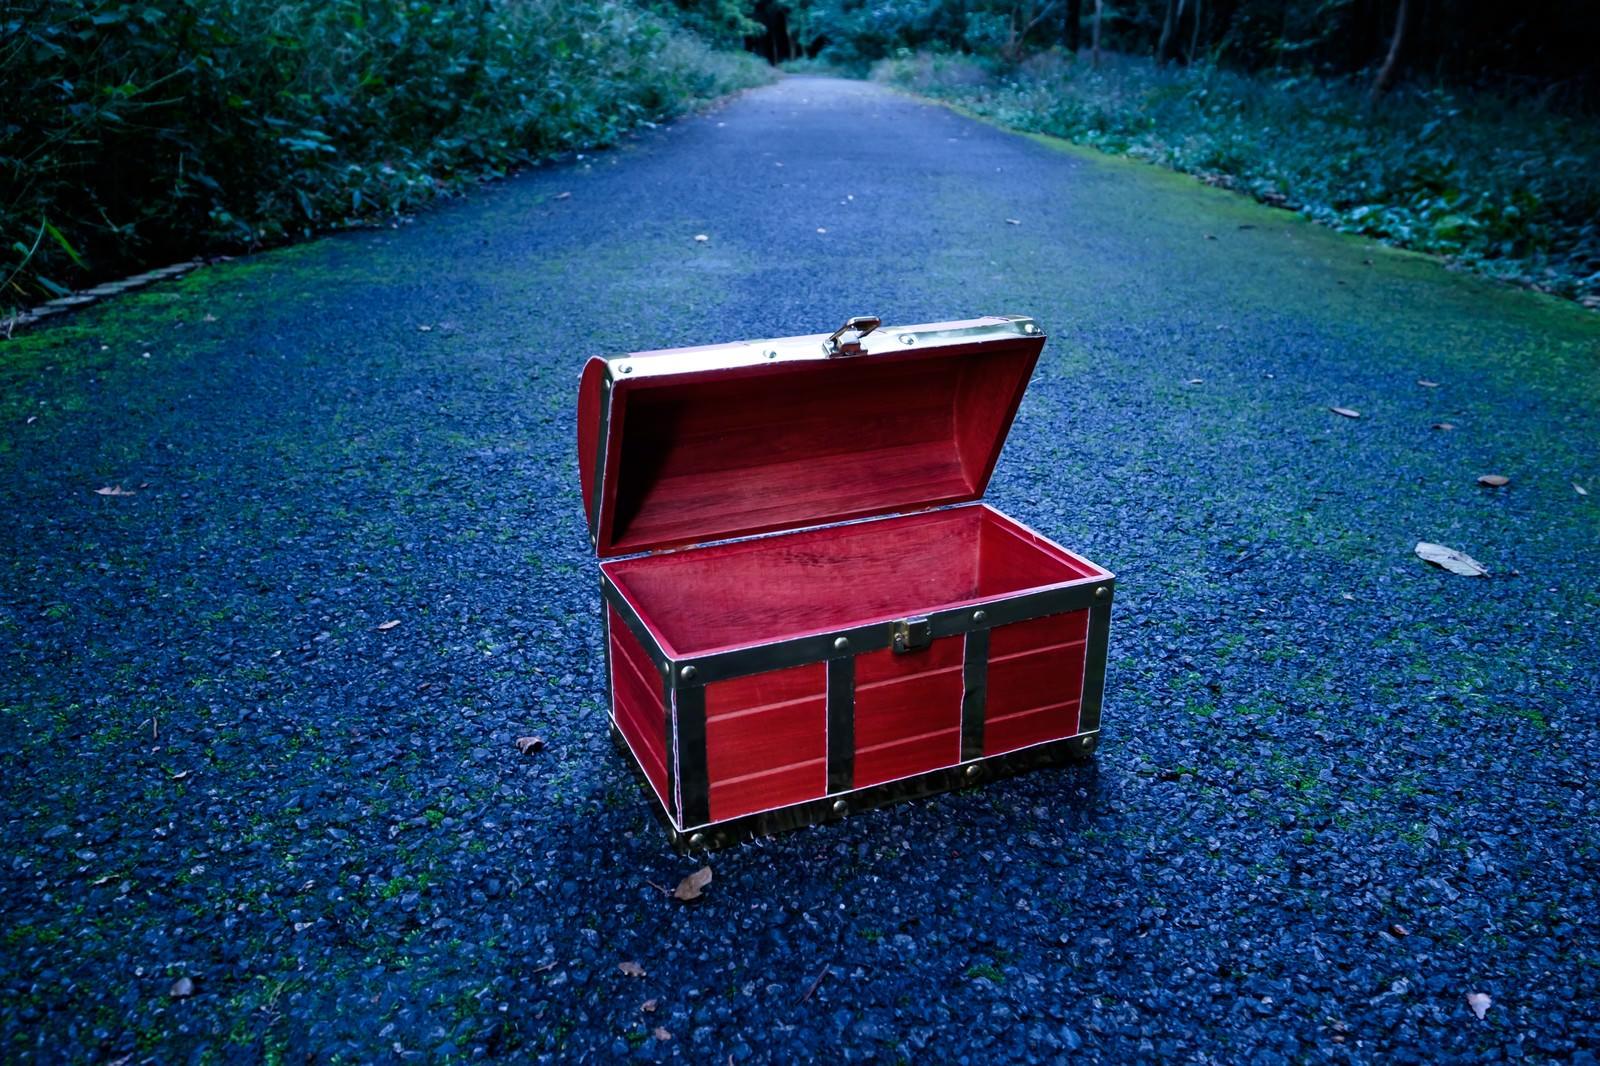 「一度開けたら空きっぱなしの宝箱」の写真